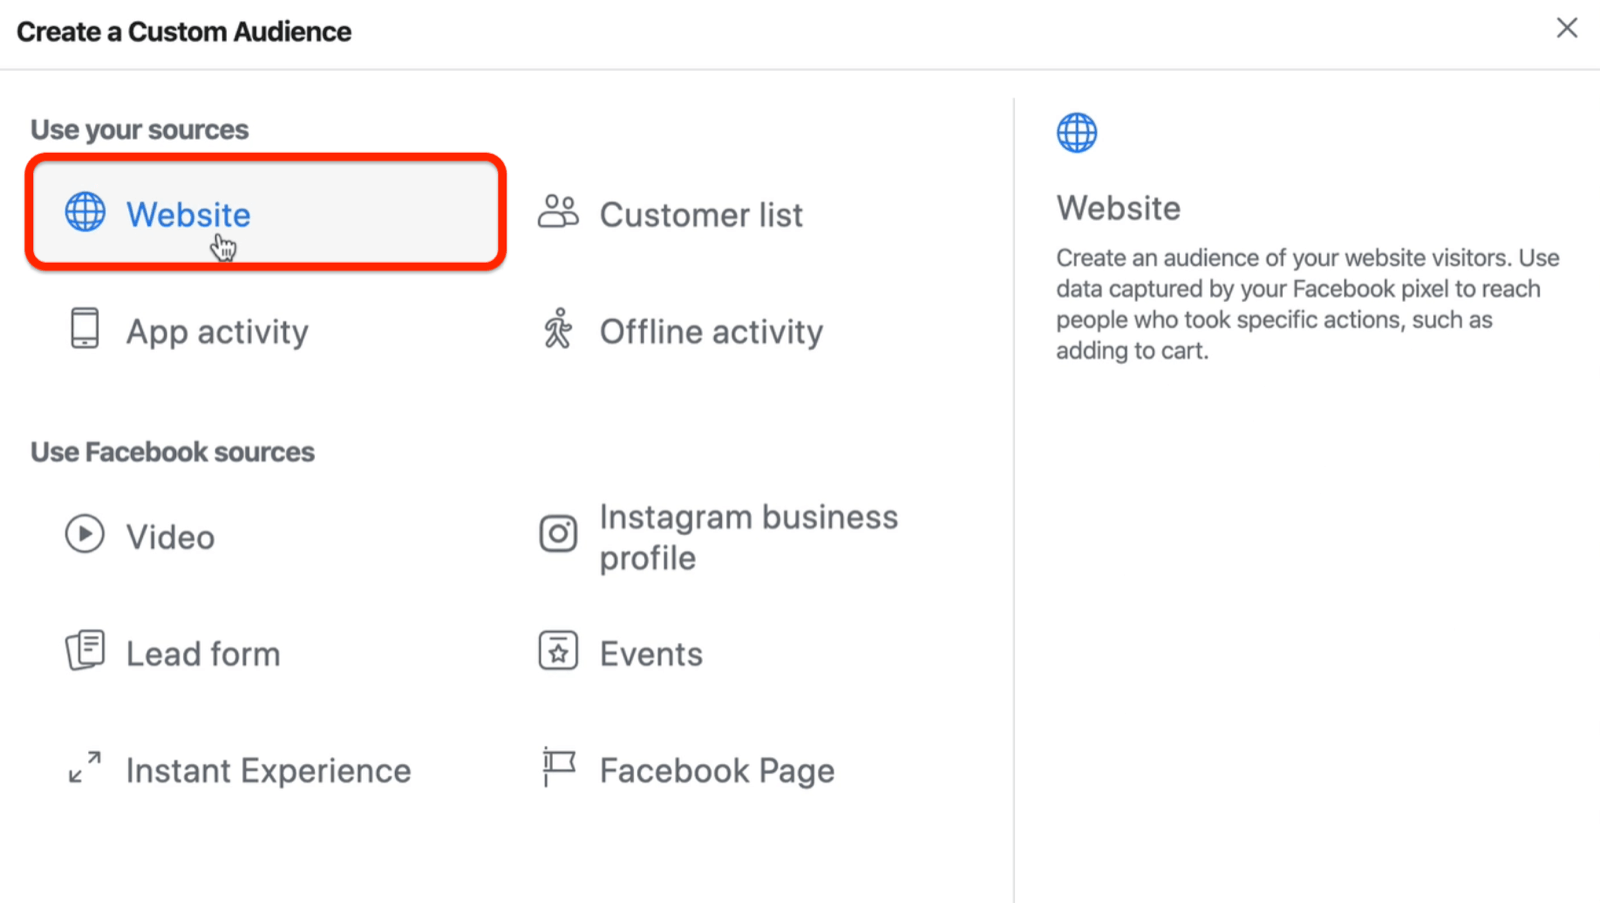 网站选项的屏幕截图被选作Facebook自定义受众的来源